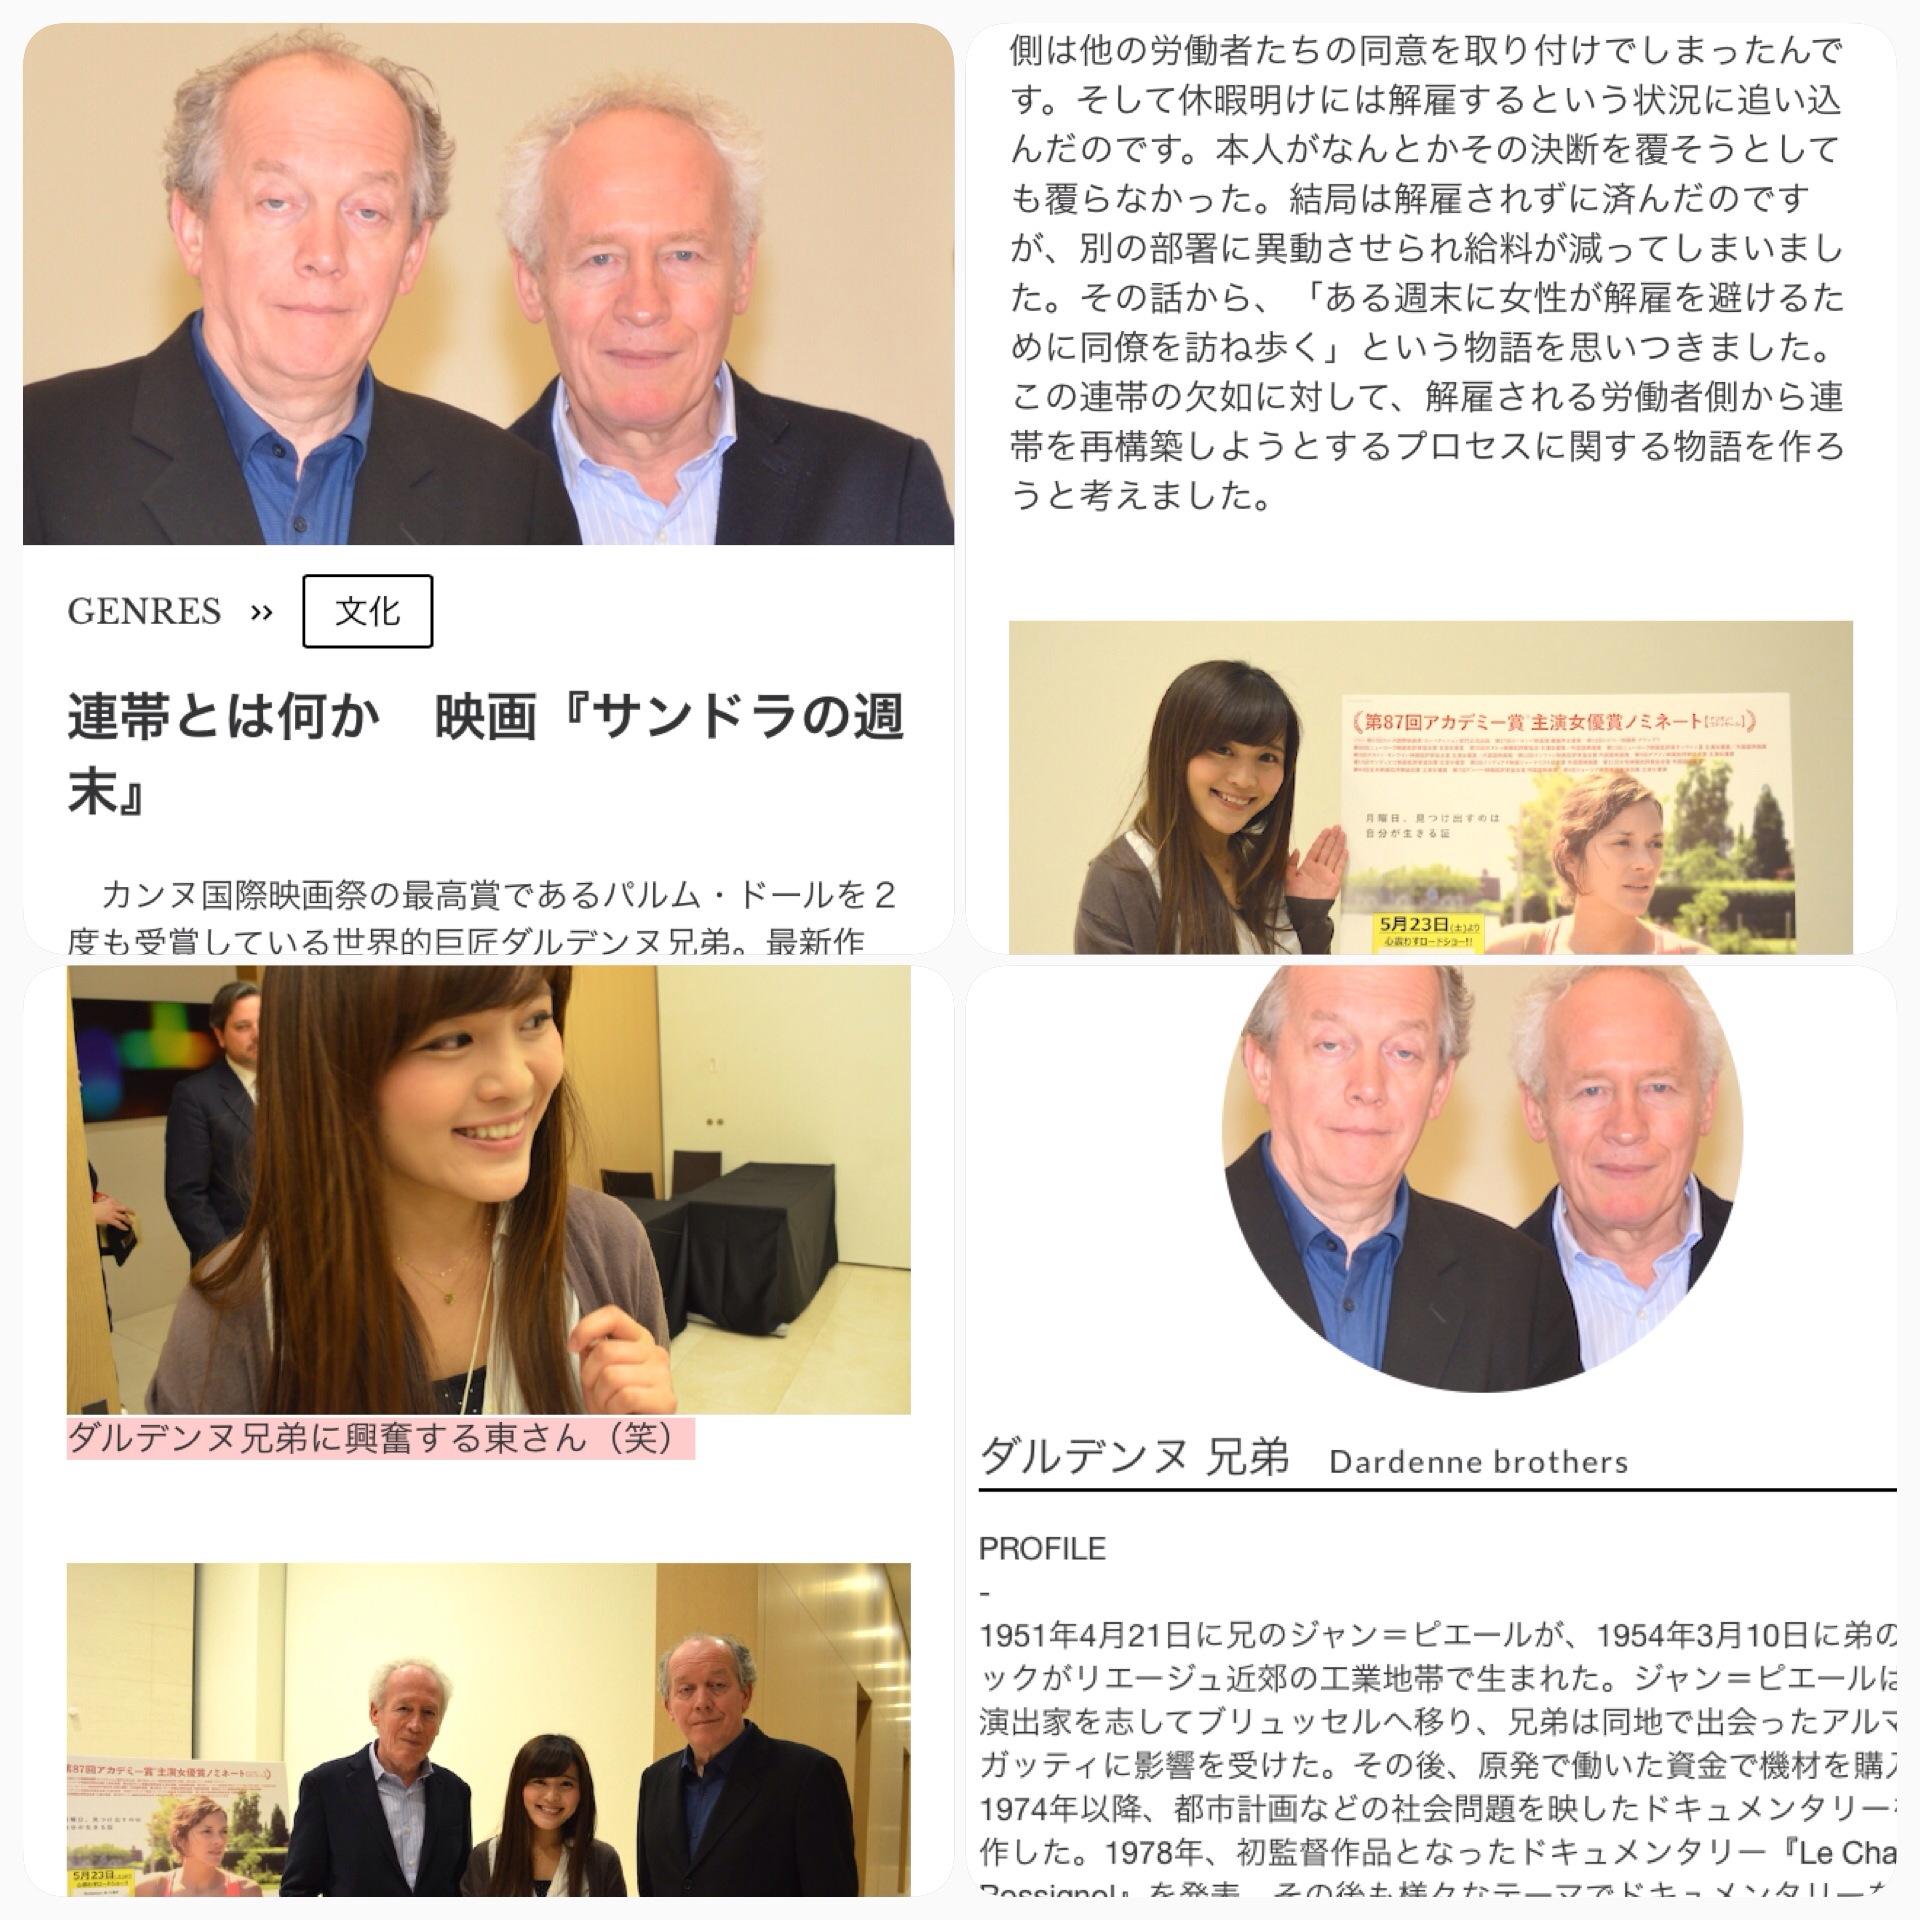 【ダルデンヌ兄弟×東紗友美】連携とは何か 映画サンドラの週末